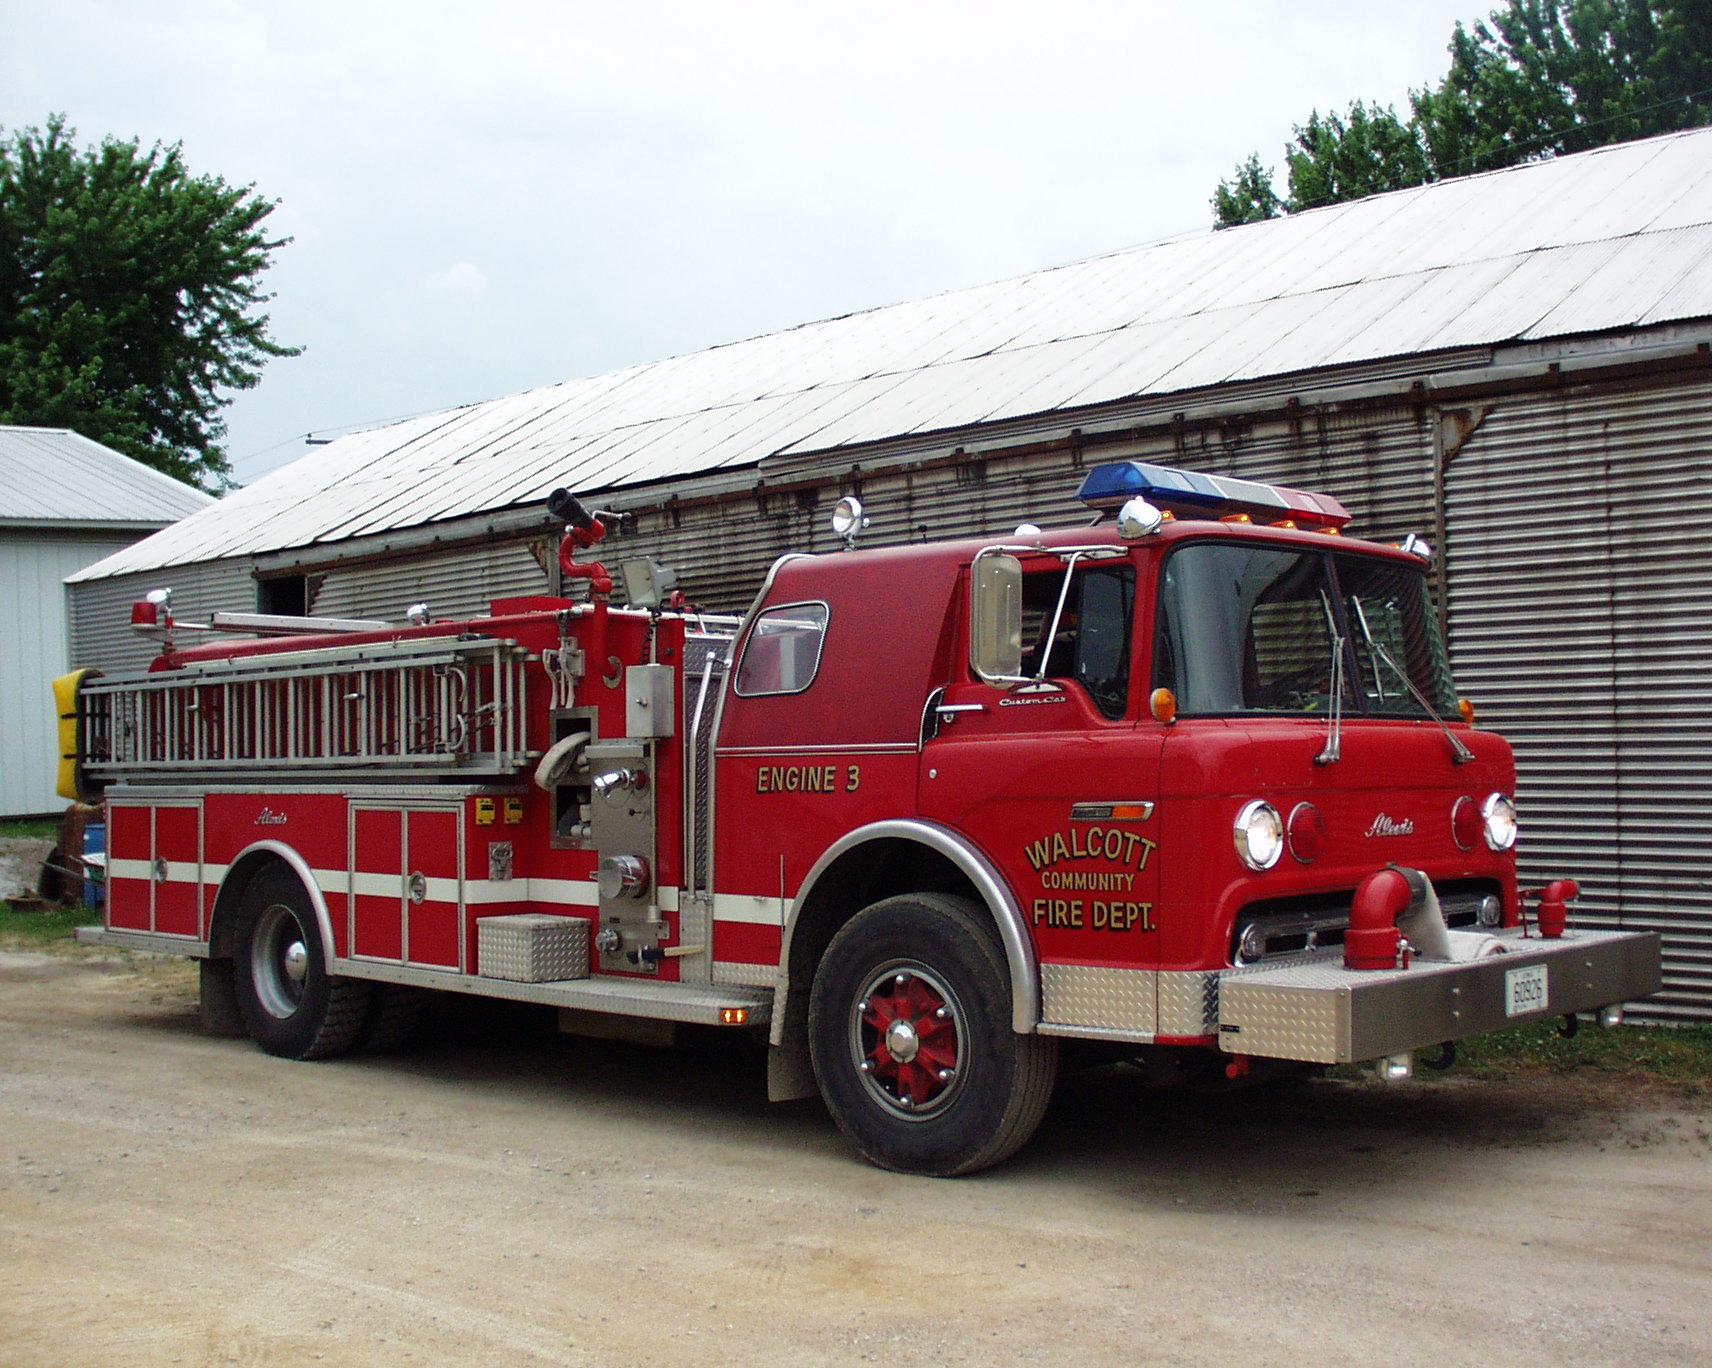 Walcott Fire Department Scott County Iowa